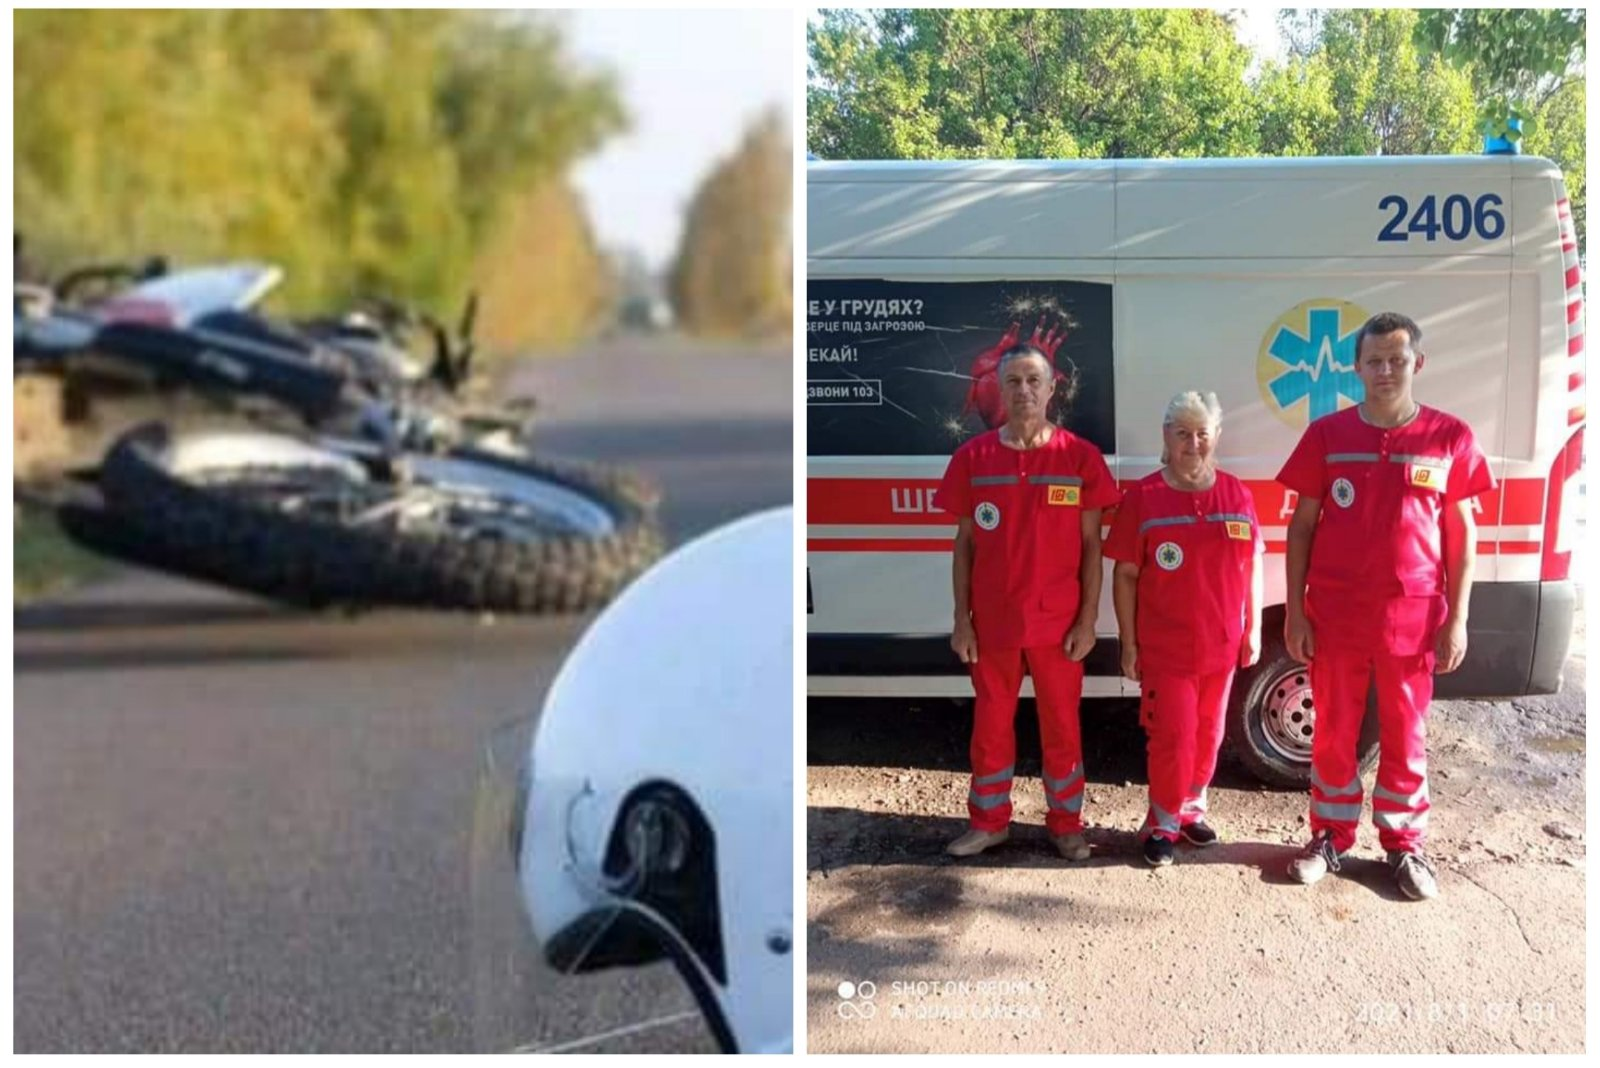 Новости Харькова: Медики скорой помощи спасли мотоциклиста